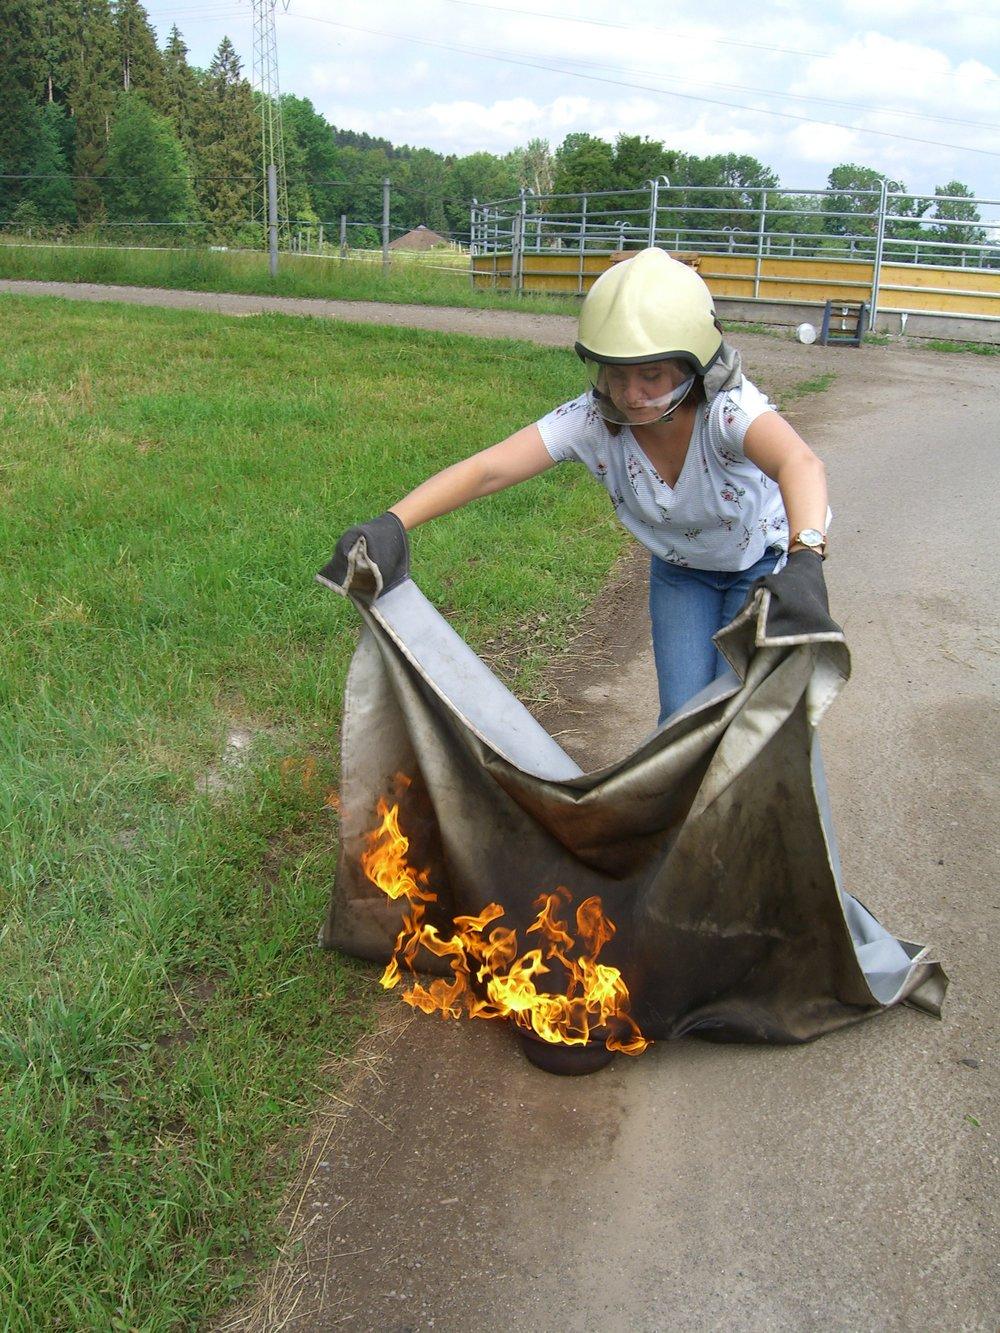 - Vorsichtig die Decke über die Flamme legen. Lange genug auf der Flamme lassen, damit das Feuer sicher erstickt wurde.